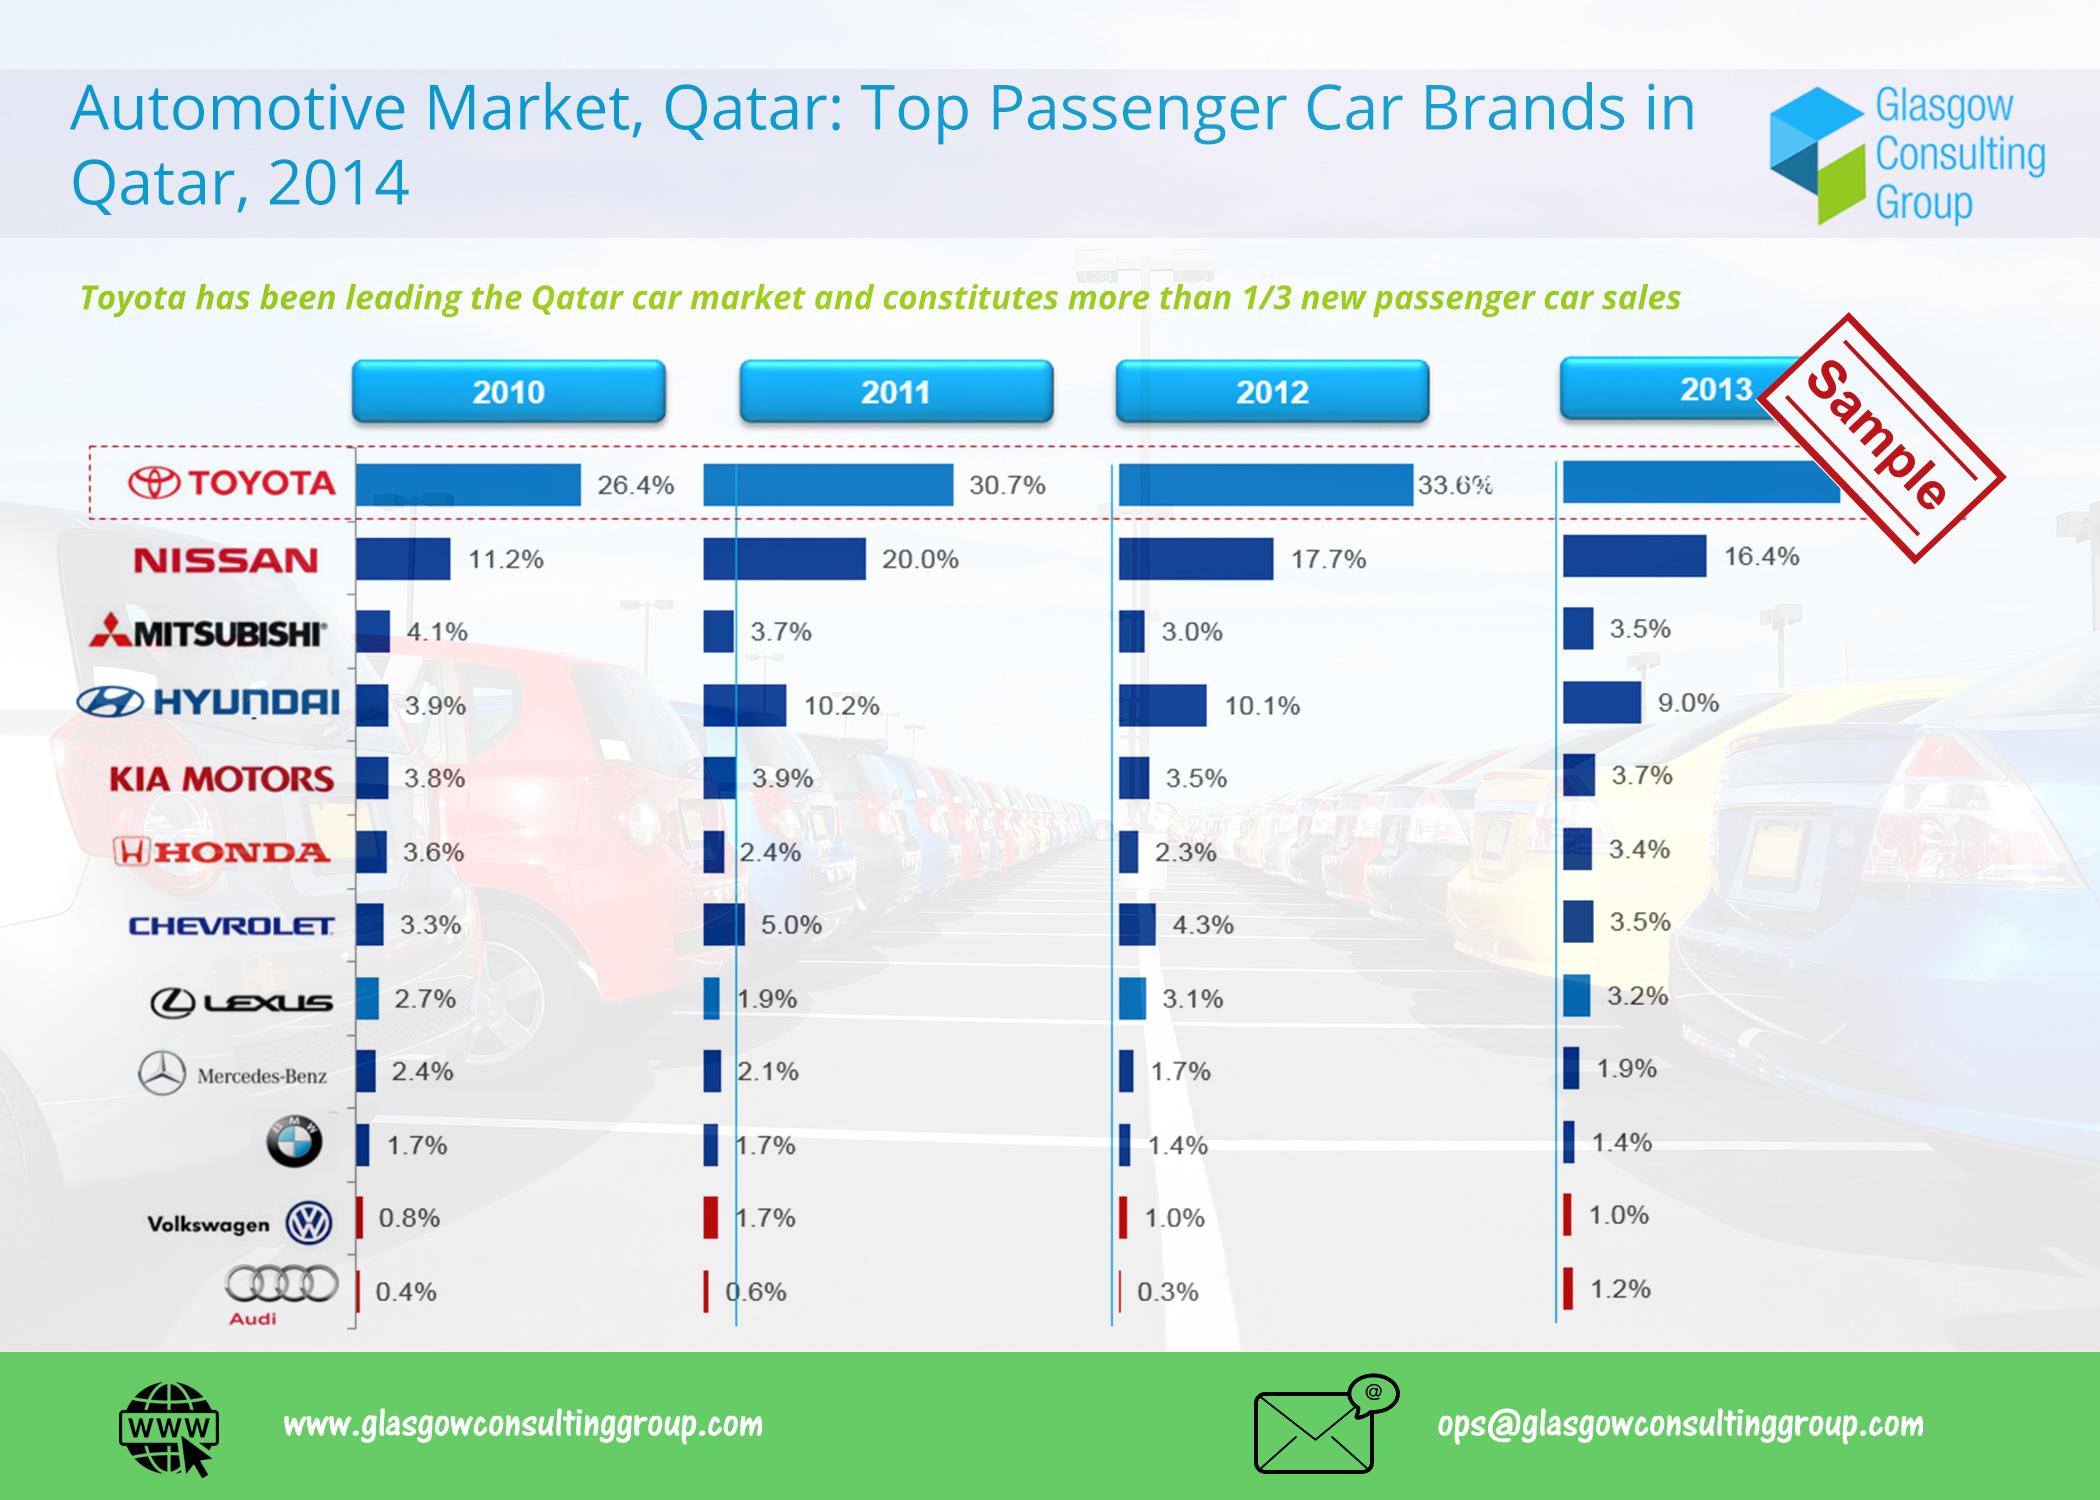 4 Automotive Market, Qatar, Top Passenger Car Brands in Qatar, 2014